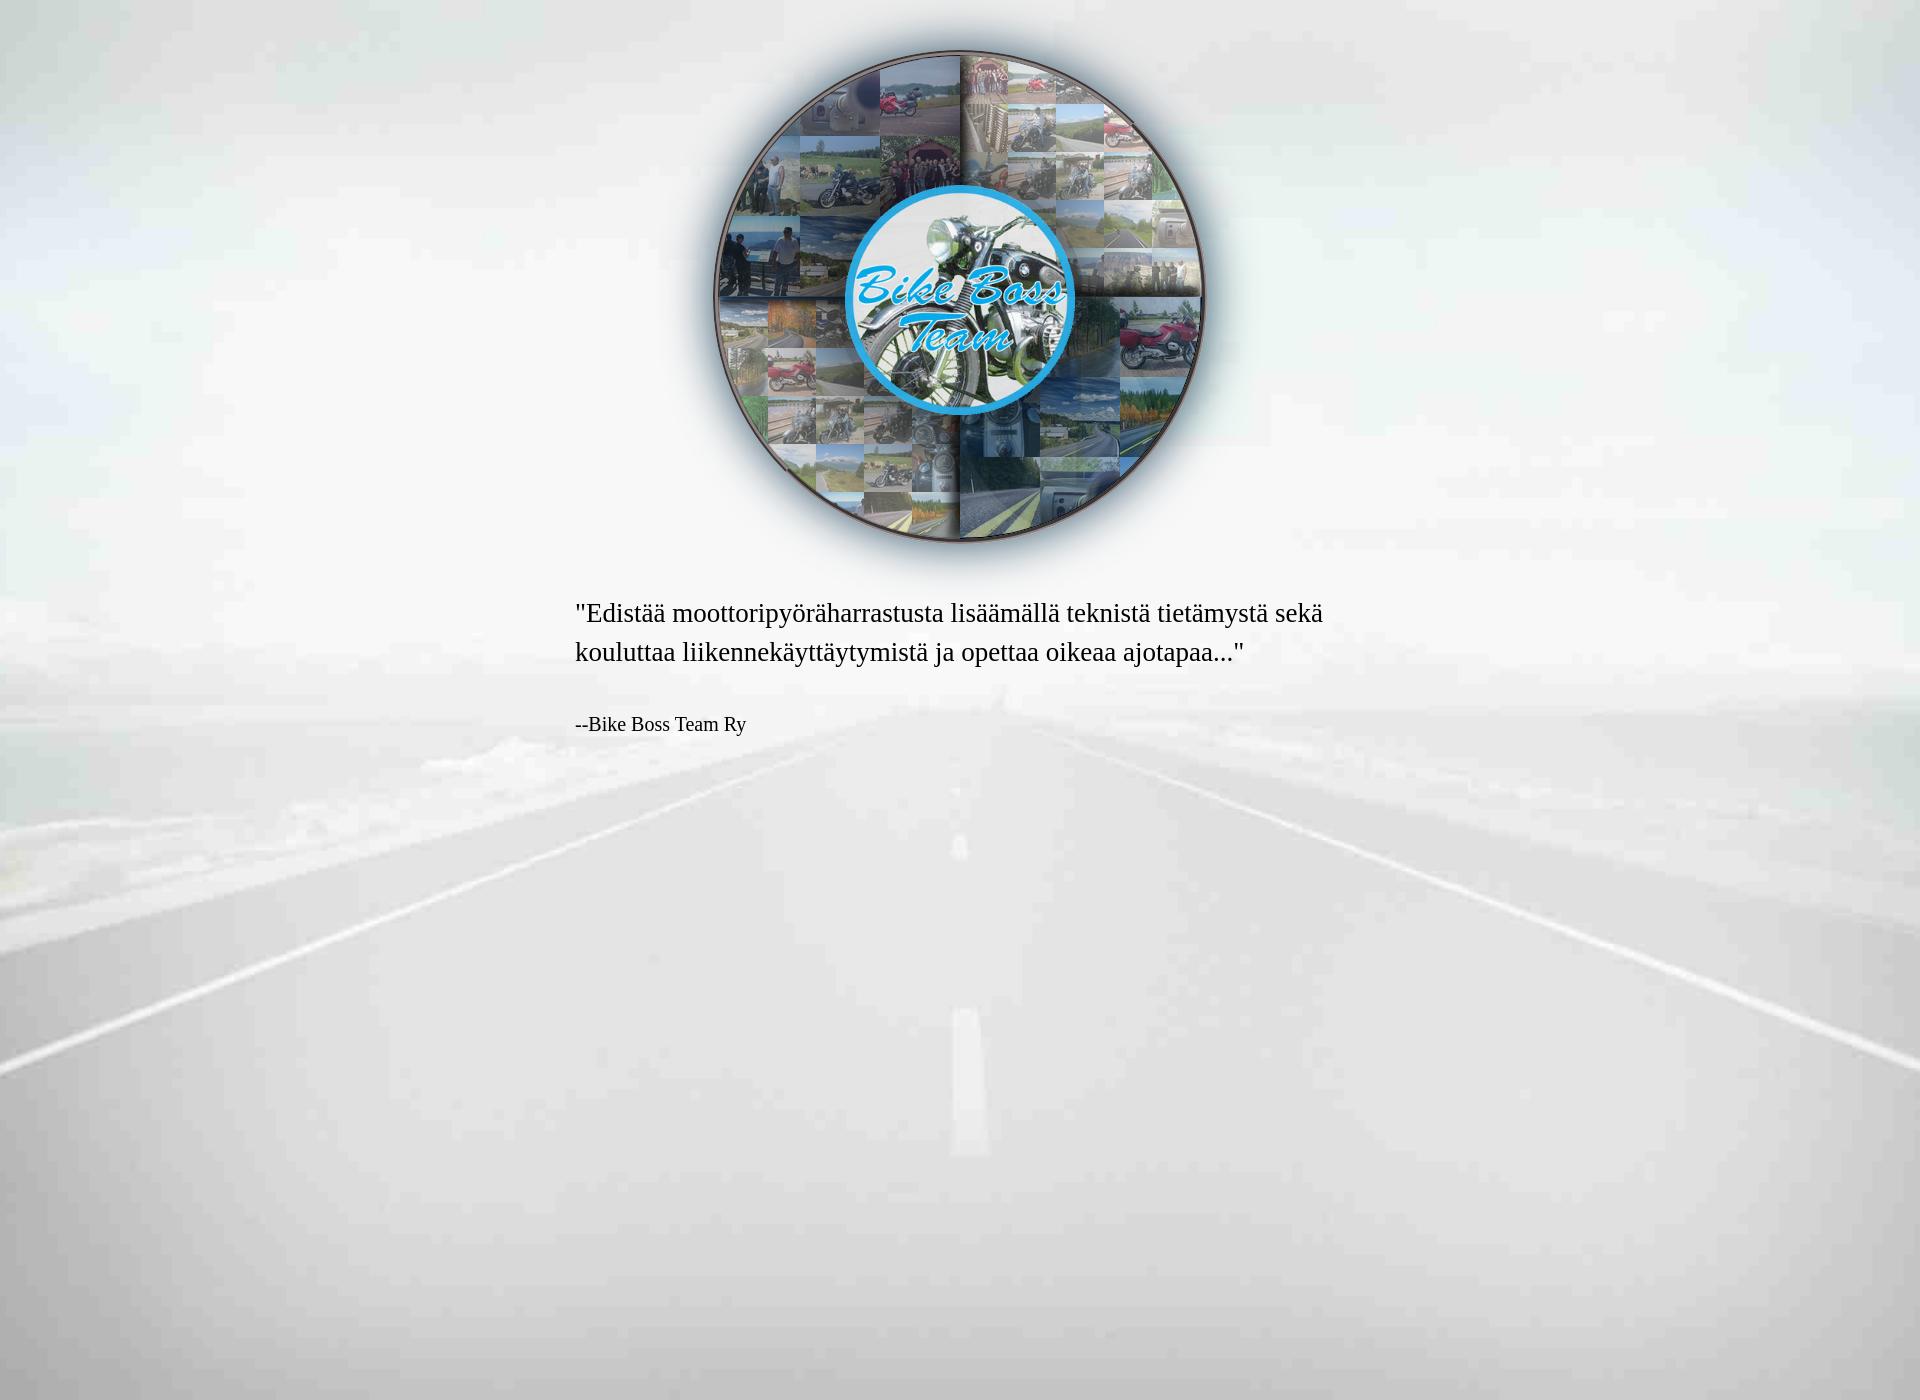 Screenshot for bikebossteam.fi